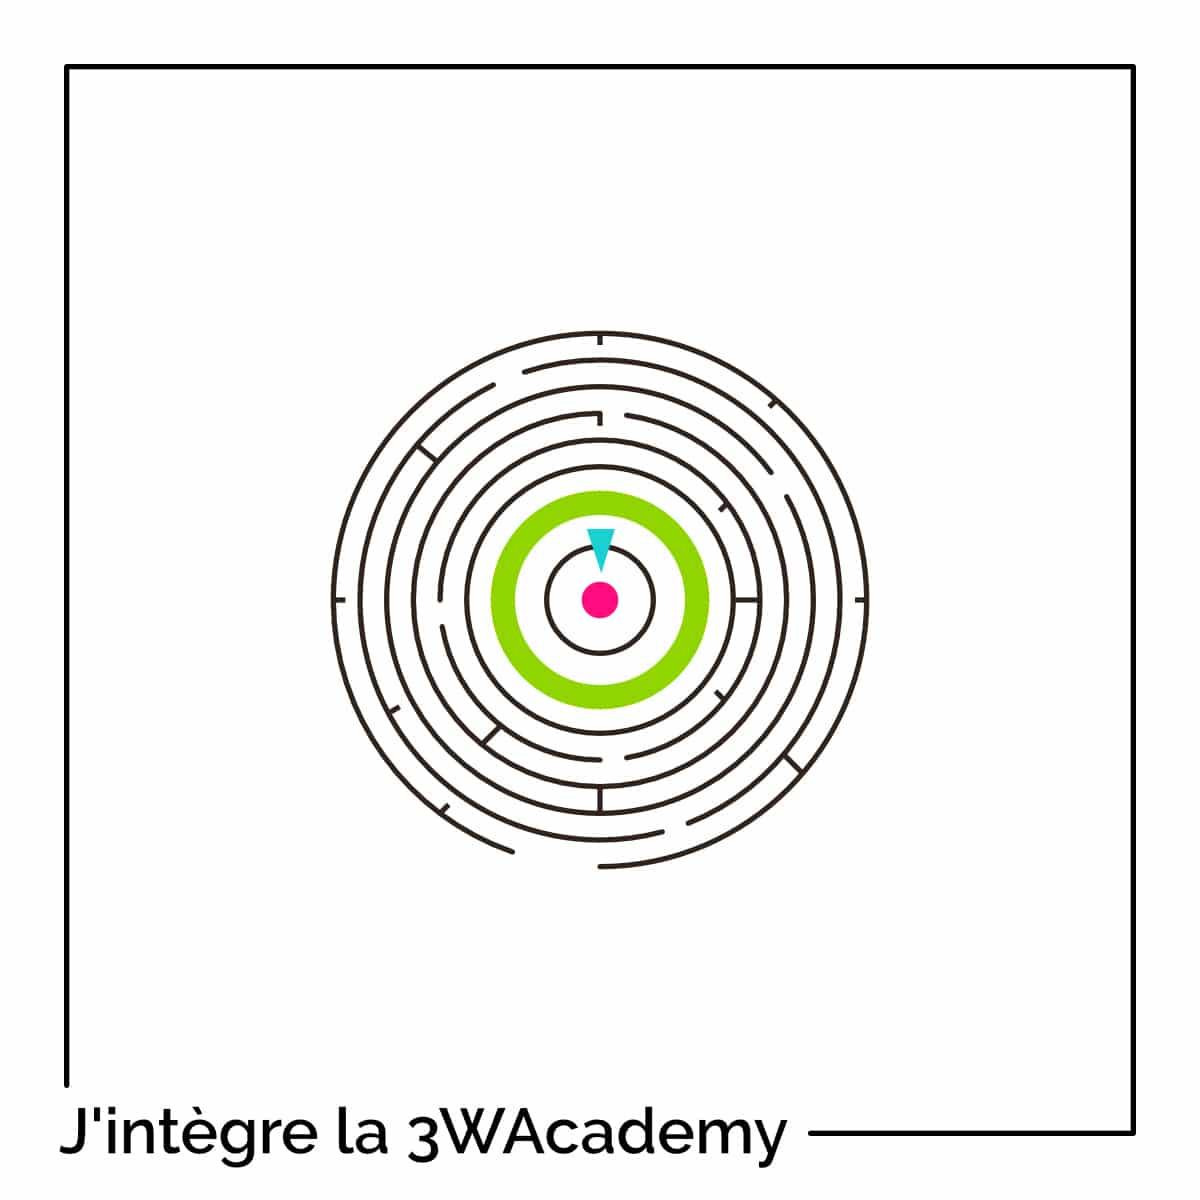 J'intègre la 3W Academy !